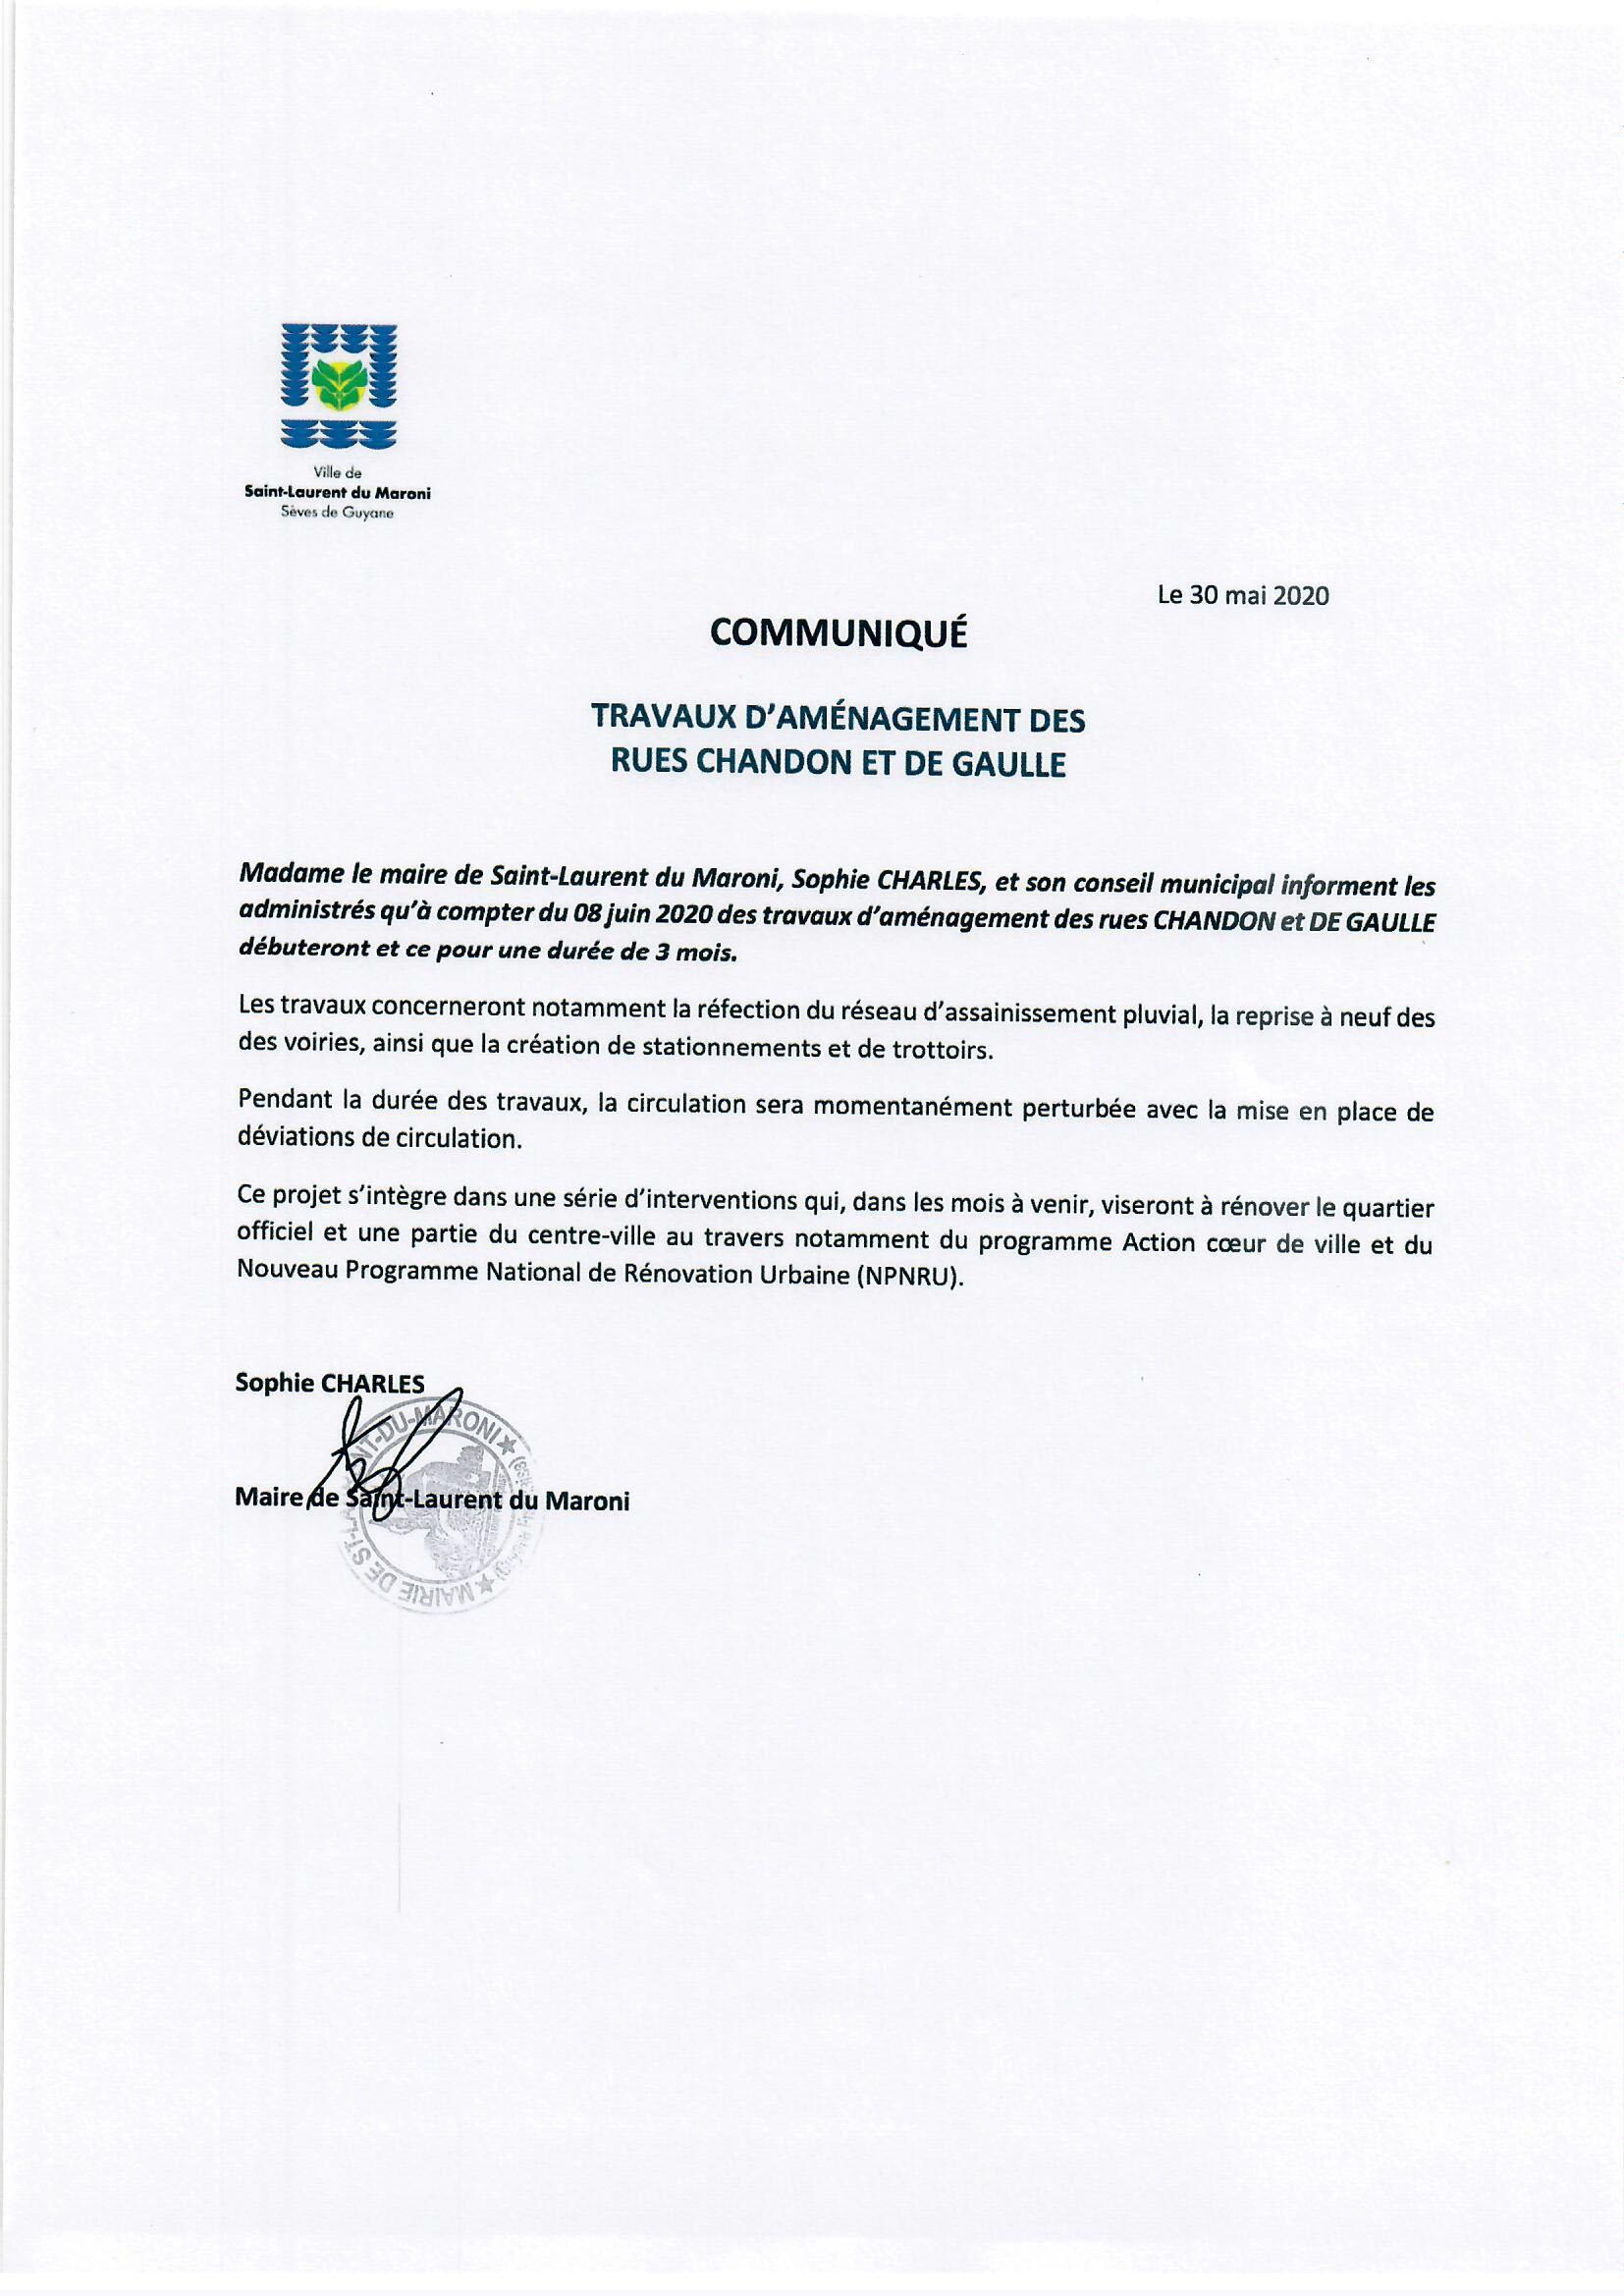 [#communiqué] : travaux d'aménagement des rues CHANDON et DE GAULLE